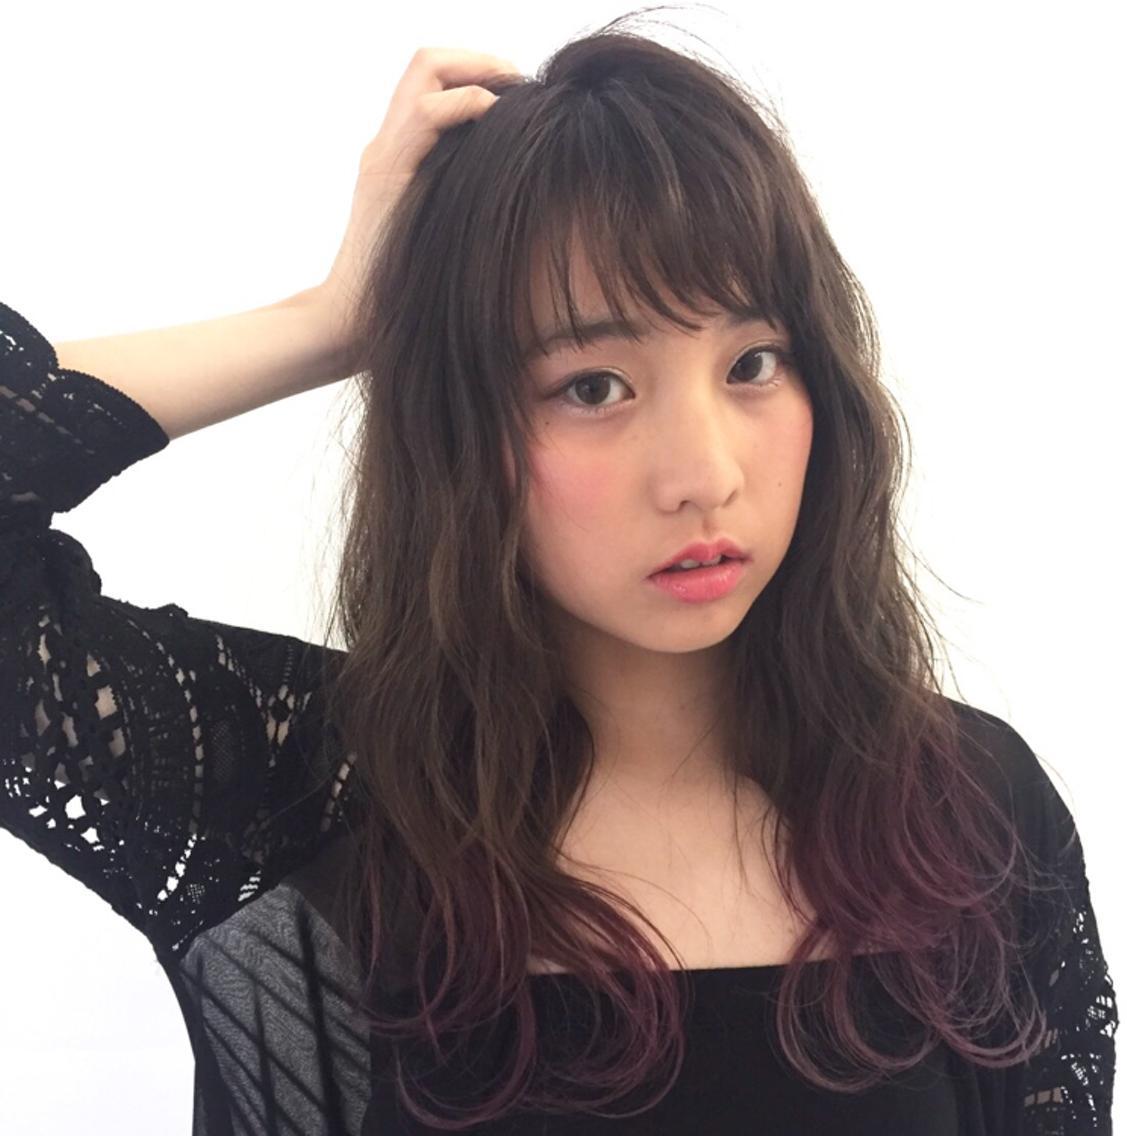 ✨当日予約OK✨ 栄駅近く♡ 夏に向けてイメチェンしましょうっ❤️ 可愛く、かっこよく♡♡ メンズも大歓迎です♡